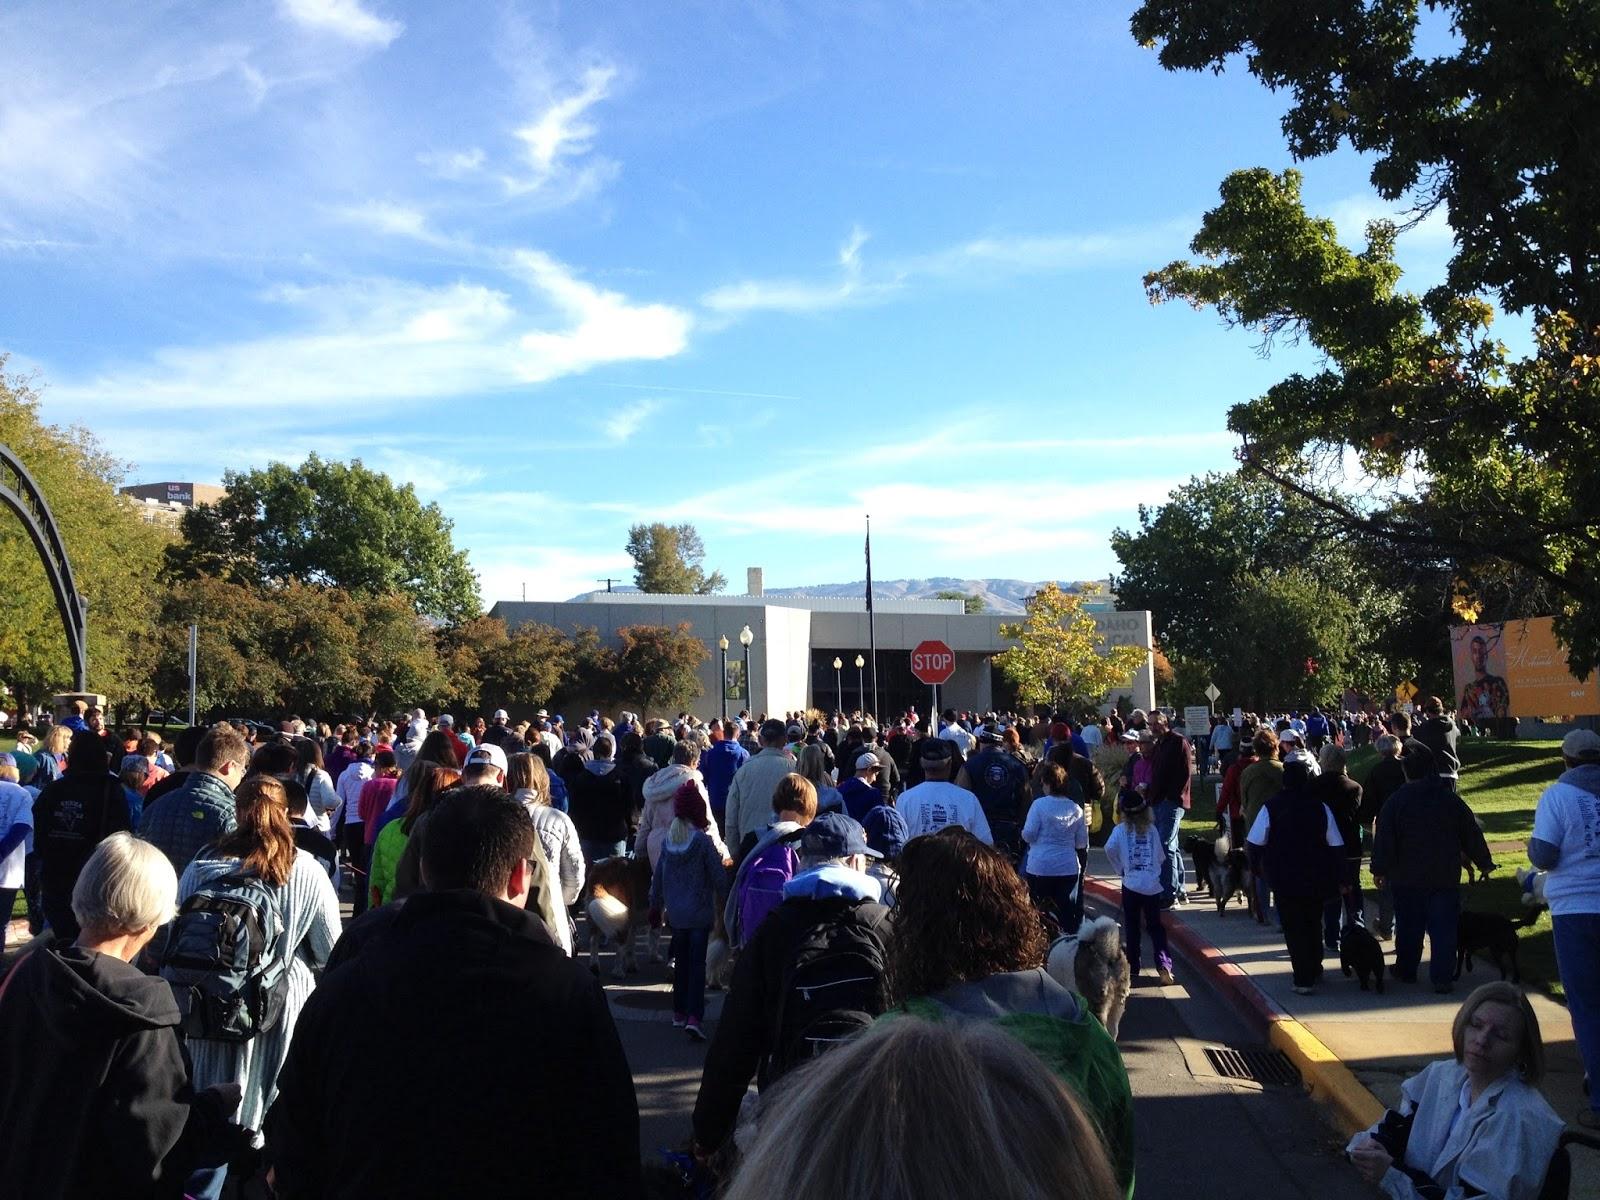 Crowd at See Spot Walk